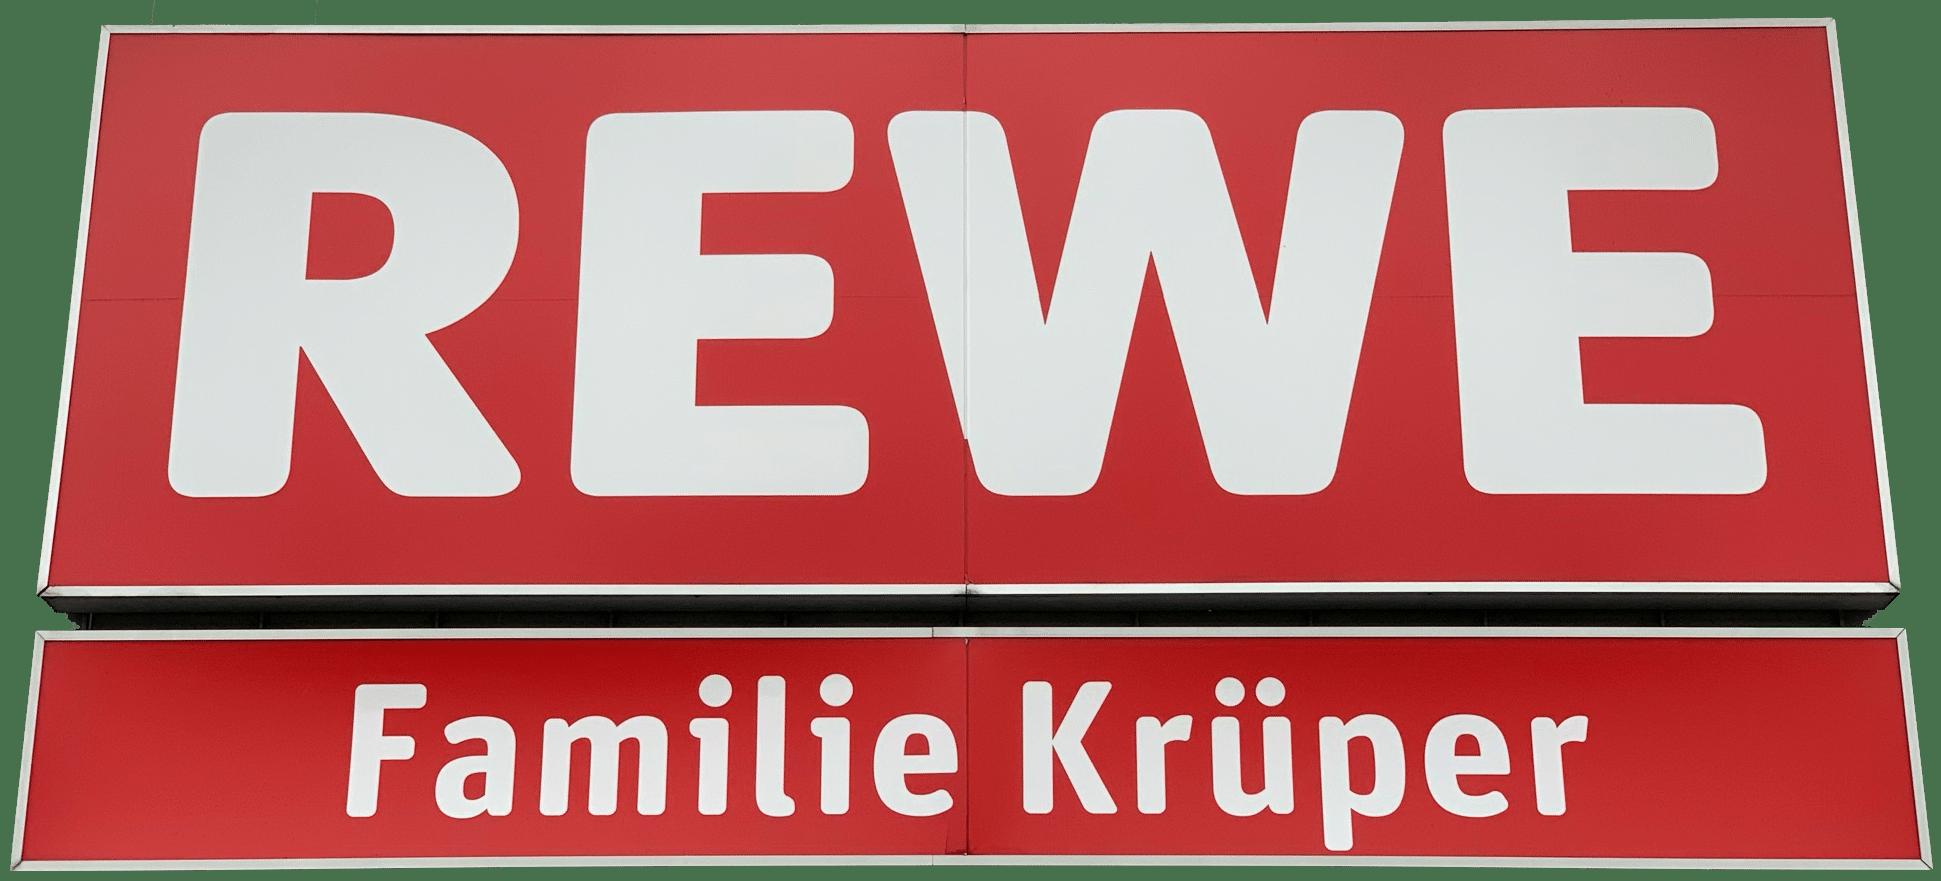 Rewe Markt Krüper Reinhardshagen